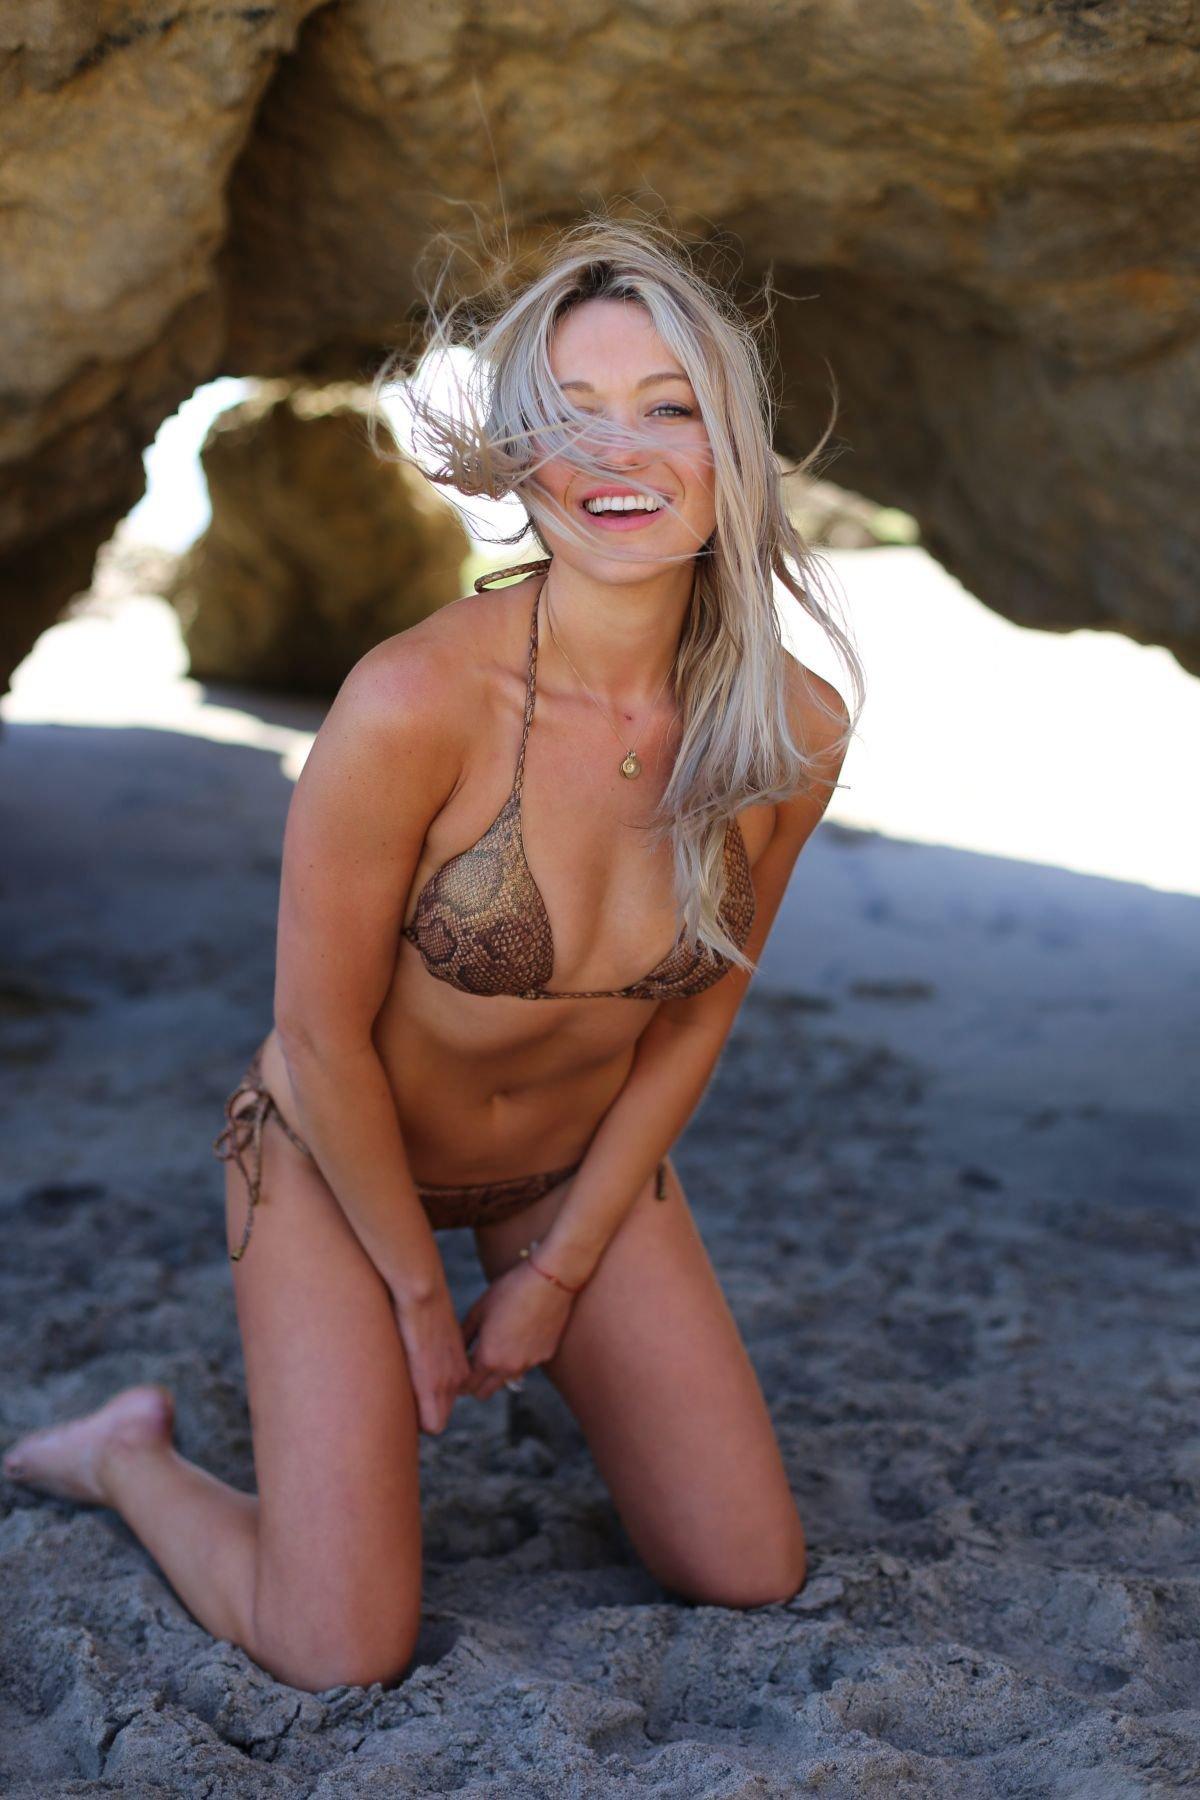 out bikini Fall of